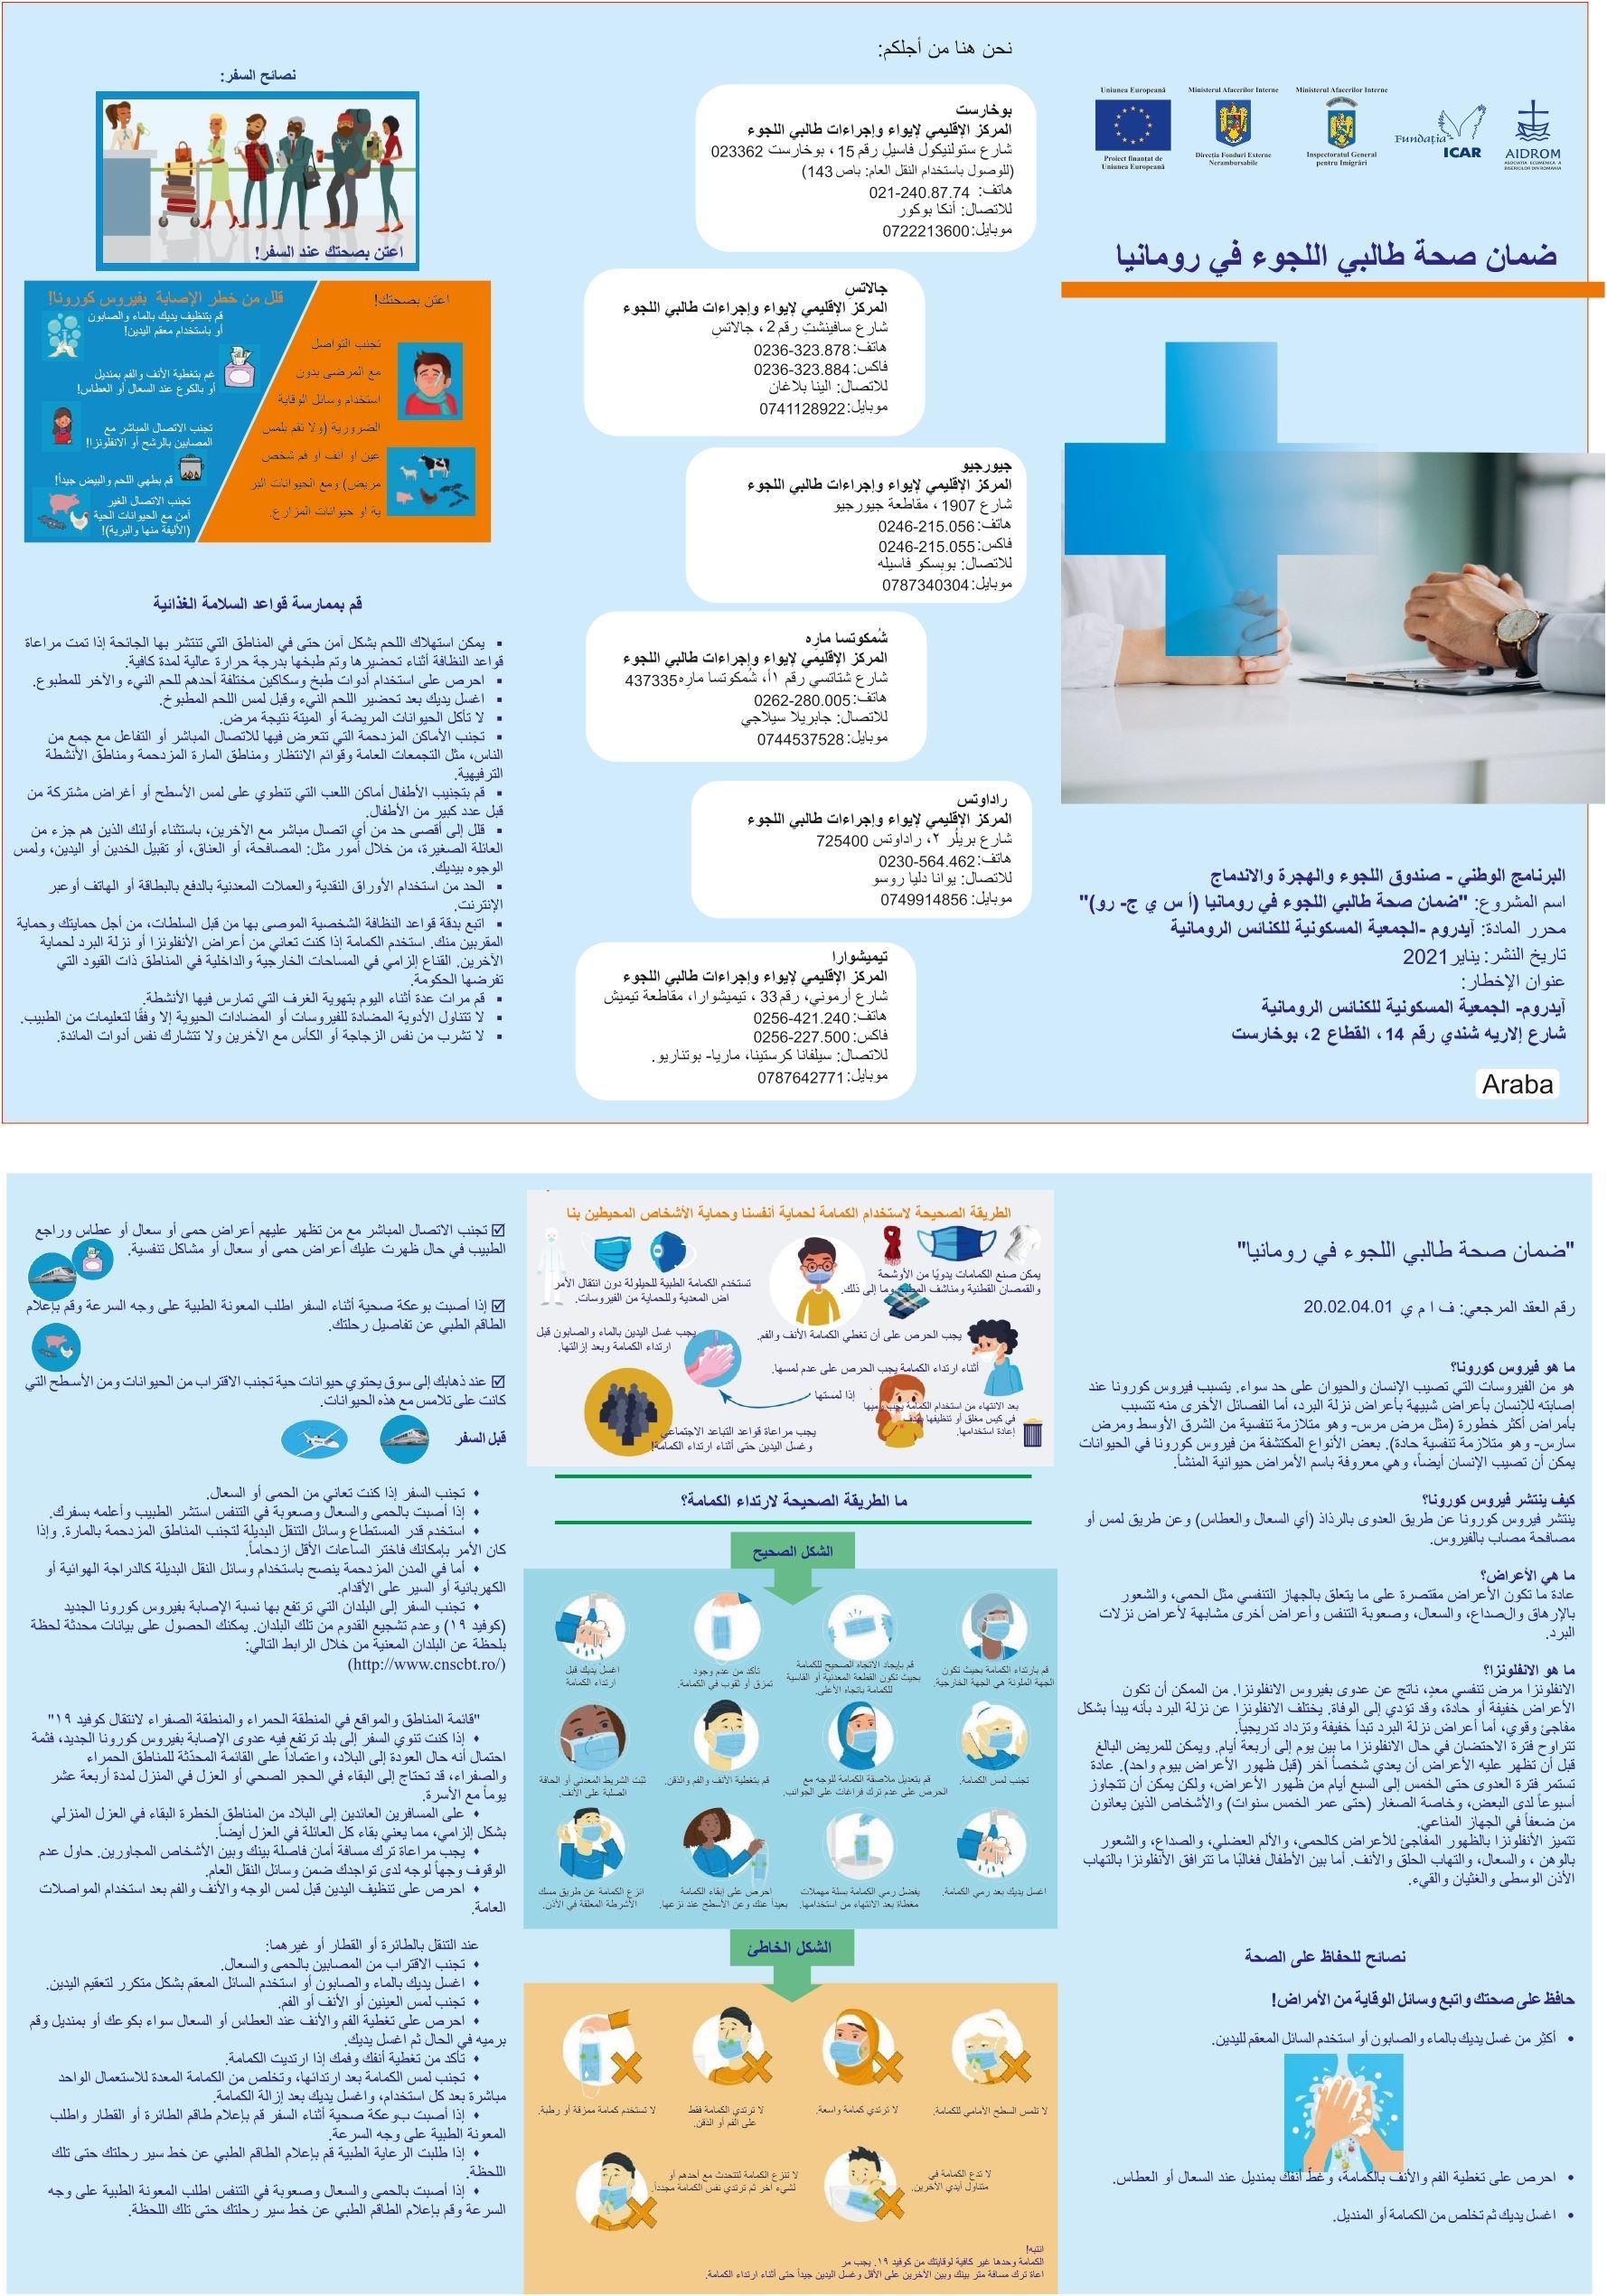 ARABA reguli 13 _page-0001